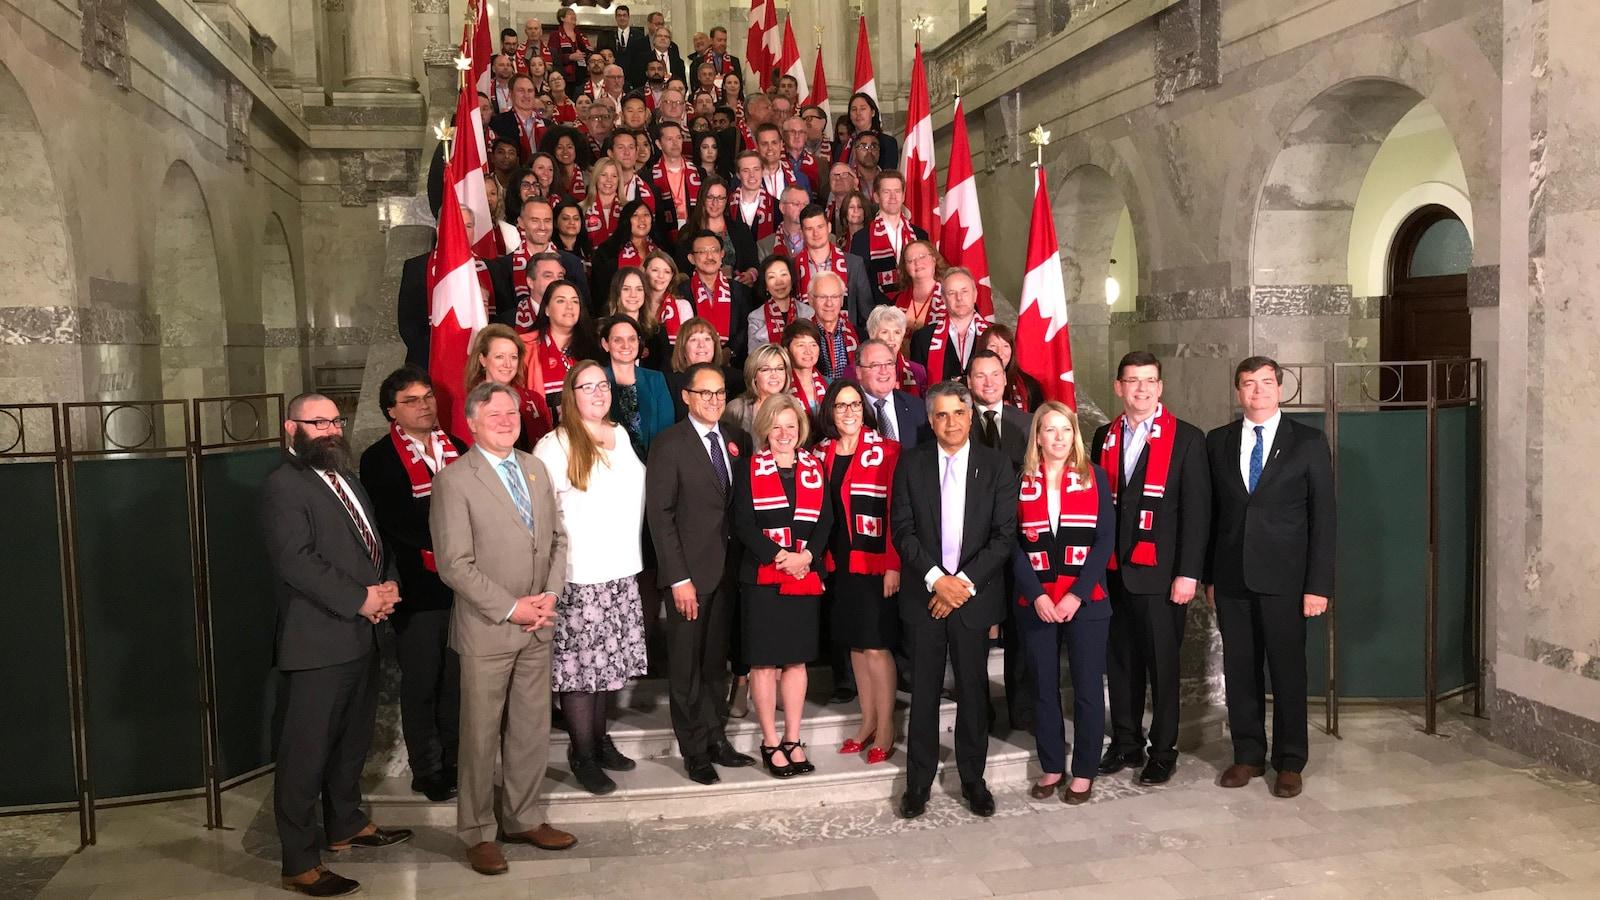 Dans la photo: la première ministre Rachel Notley. Elle est entourée d'une centaine d'hommes et de femmes d'affaires, des responsables syndicaux et ingénieurs venant de la Colombie-Britannique. Ils sont debout dans les marches de la rotonde de l'Assemblée législative.